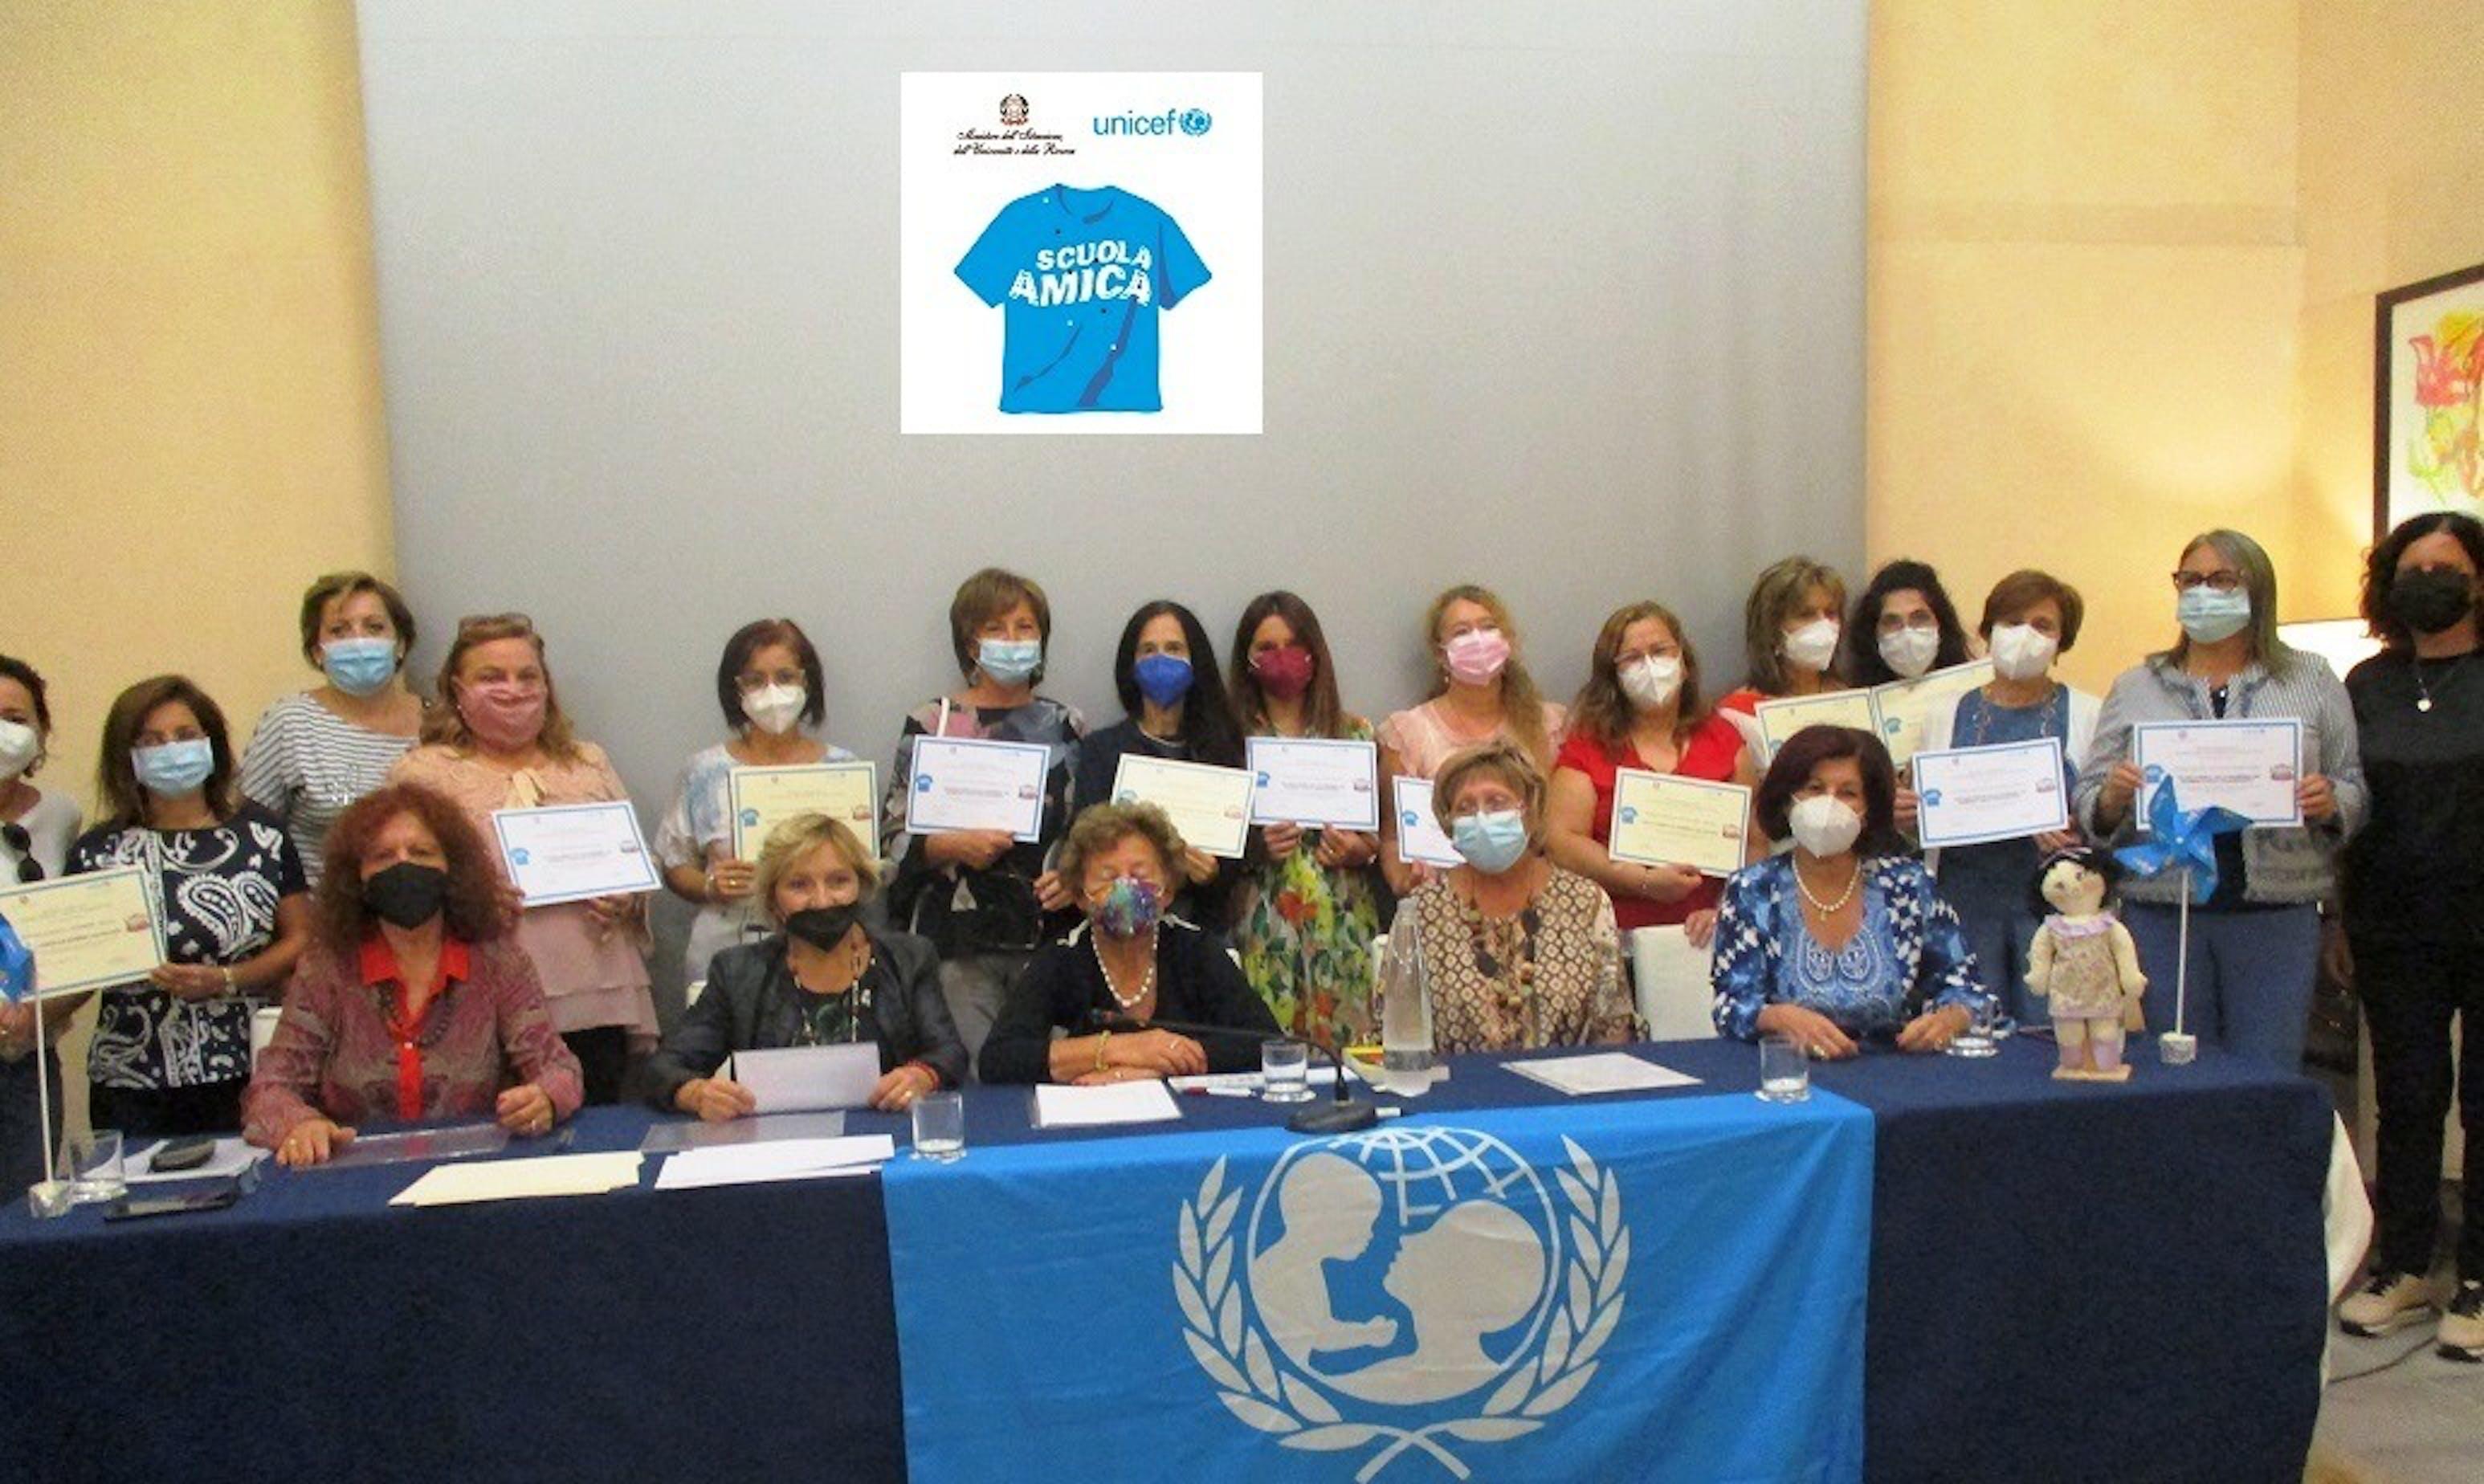 Un momento dell'evento: al tavolo sedute Angelica Romano, Carmela Spedale, Carmela Pace, Pina Cannizzo e Caterina Galasso e, in piedi, i Dirigenti Scolastici ed i Referenti UNICEF